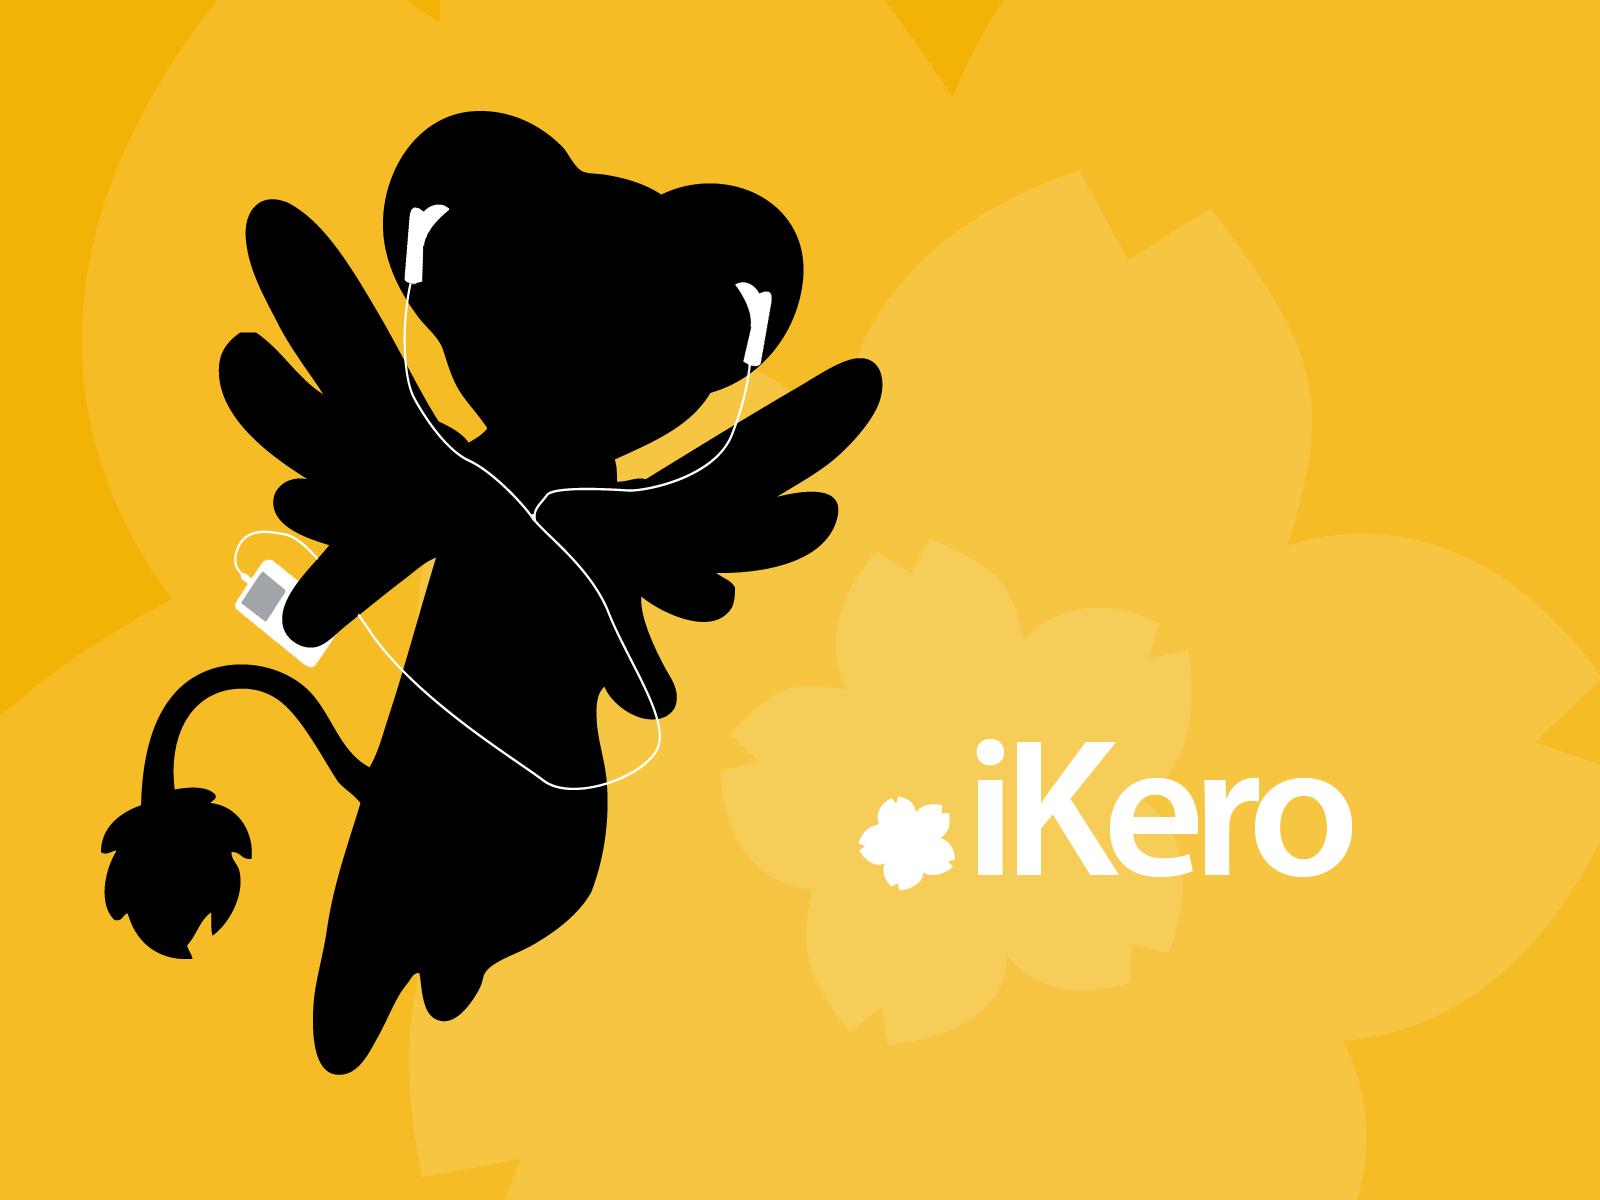 iKero by wokun